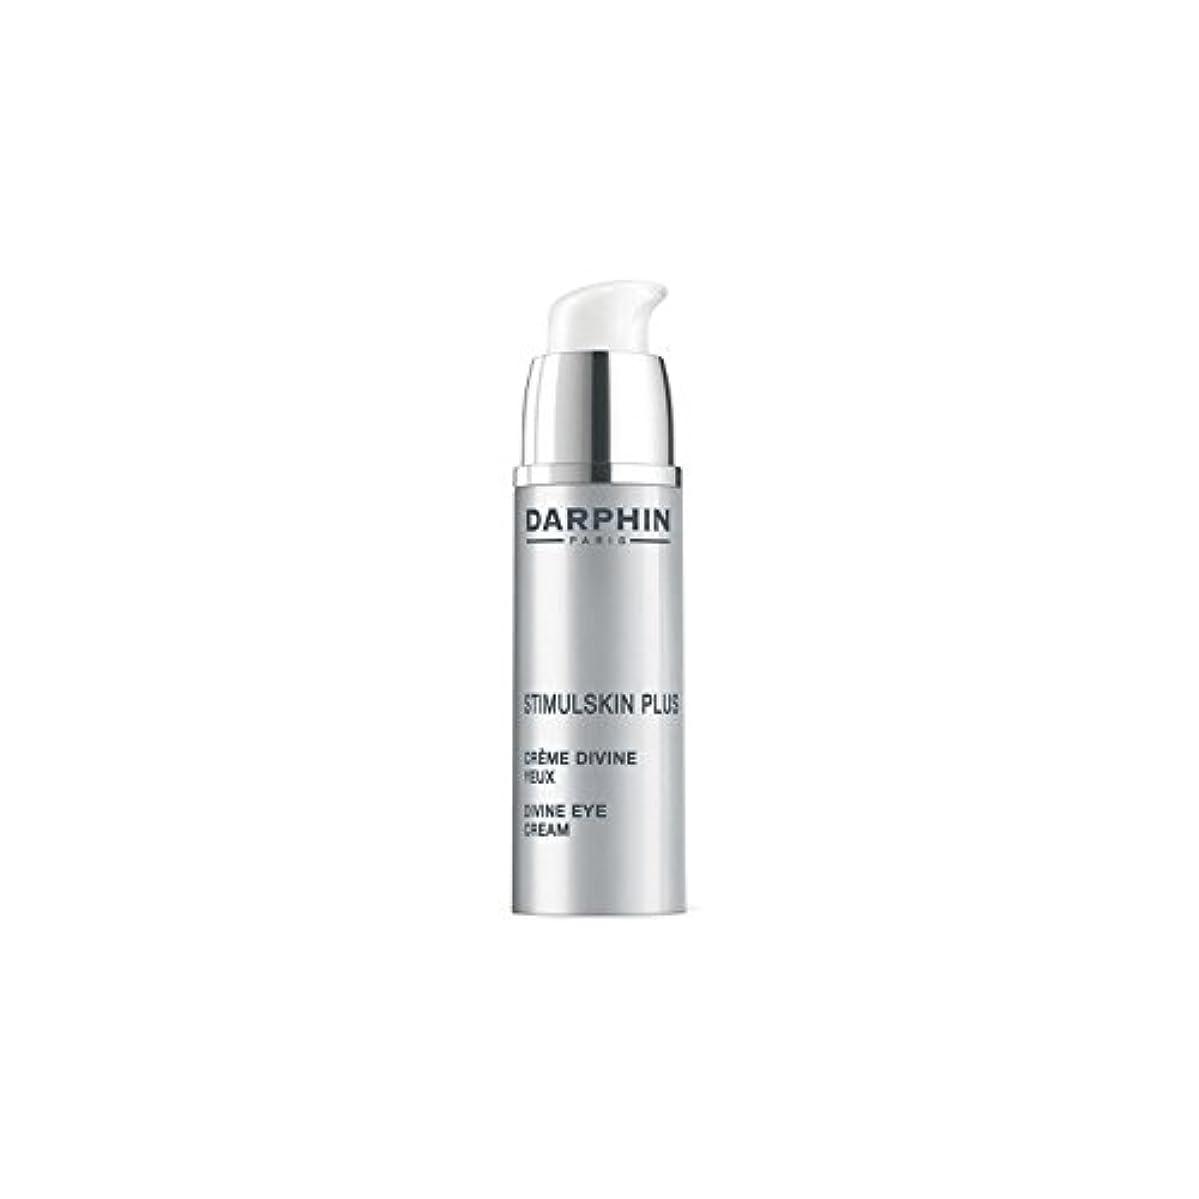 パワースロープおもしろいDarphin Stimulskin Plus Divine Illuminating Eye Cream (15ml) - ダルファンスティプラス神の照明アイクリーム(15ミリリットル) [並行輸入品]